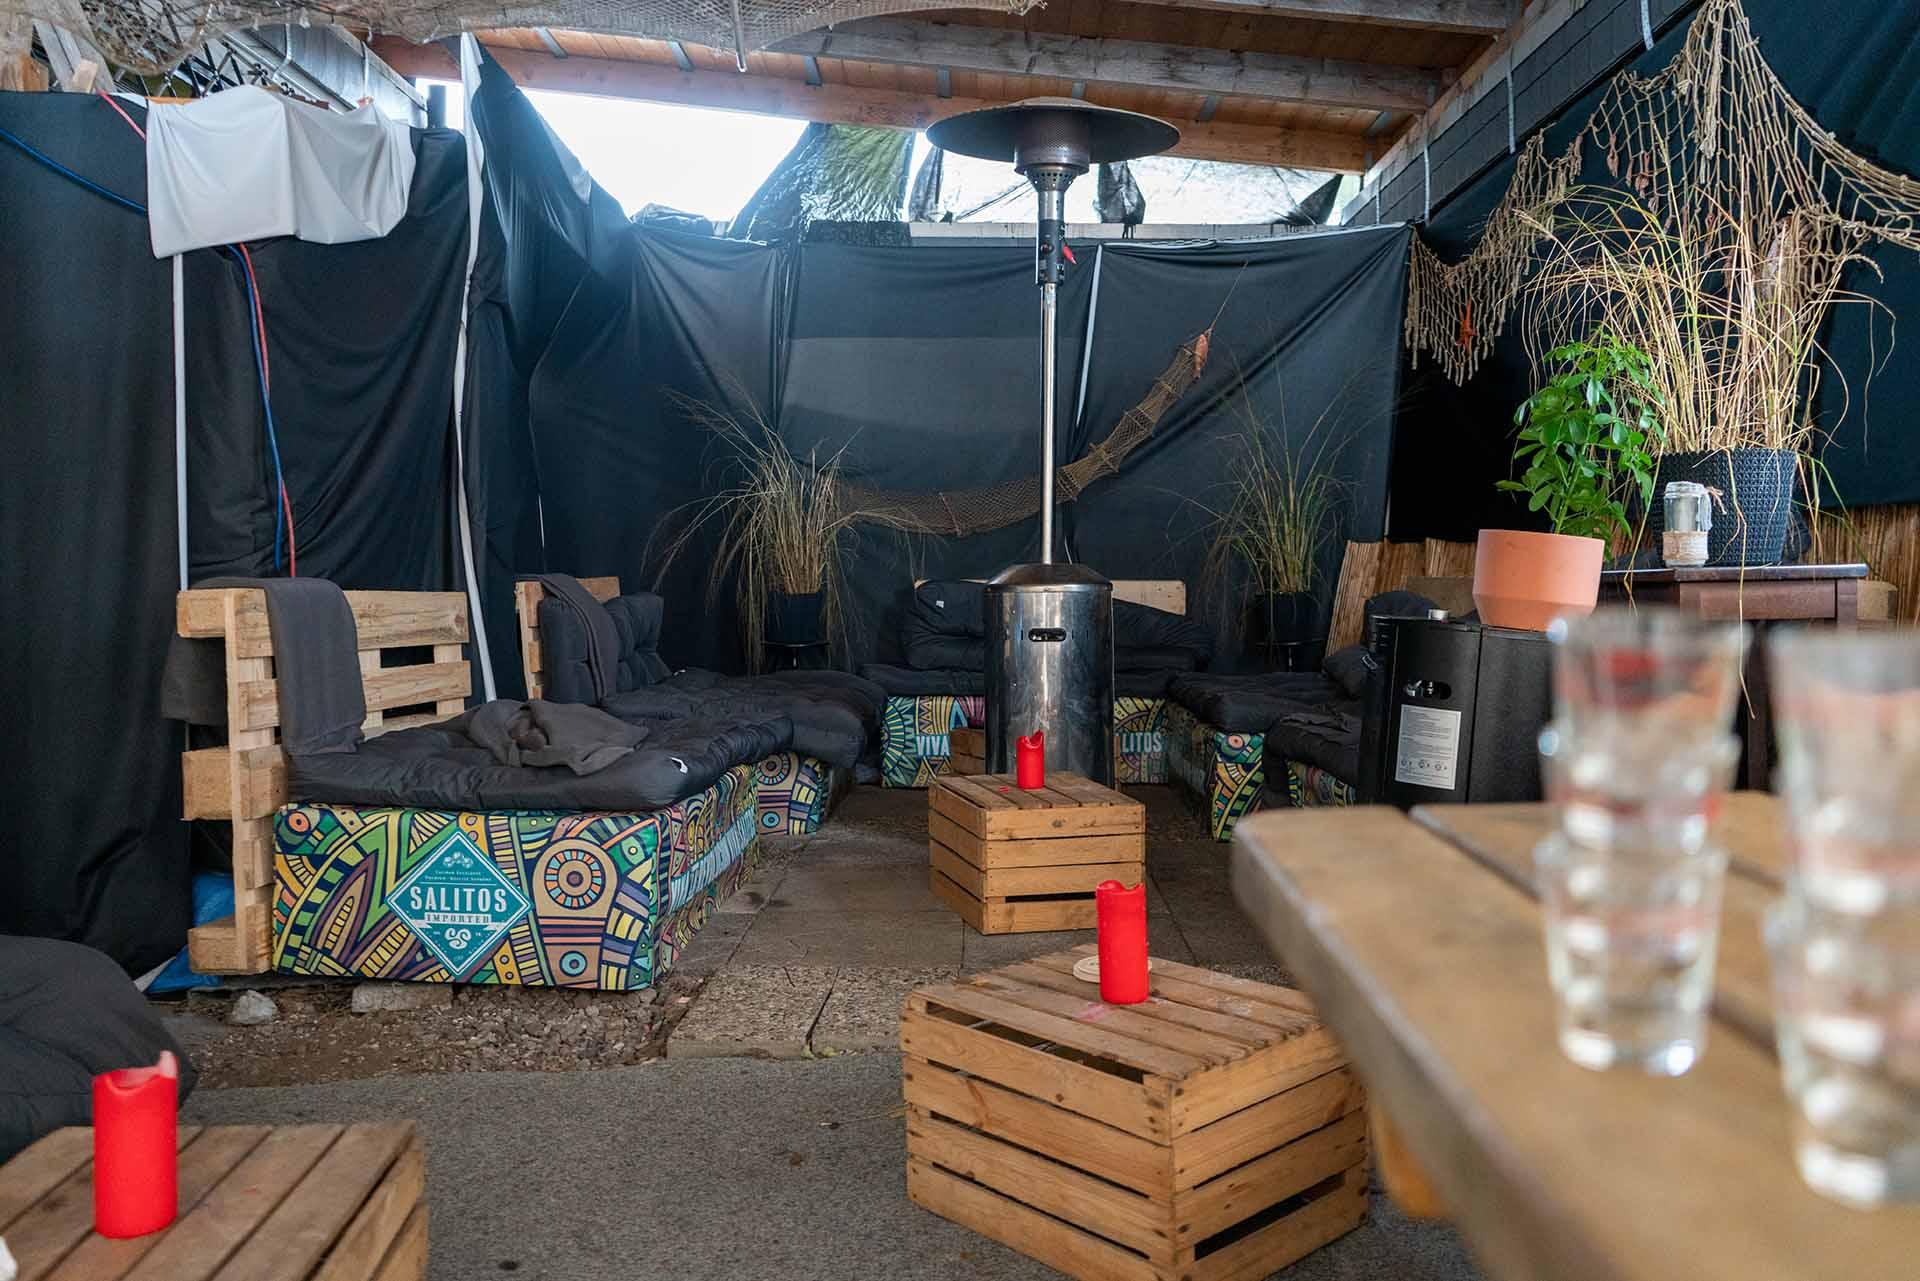 Die Lounge im Außenbereich stand bis zur nächsten Schließung nur kurz zur Verfügung